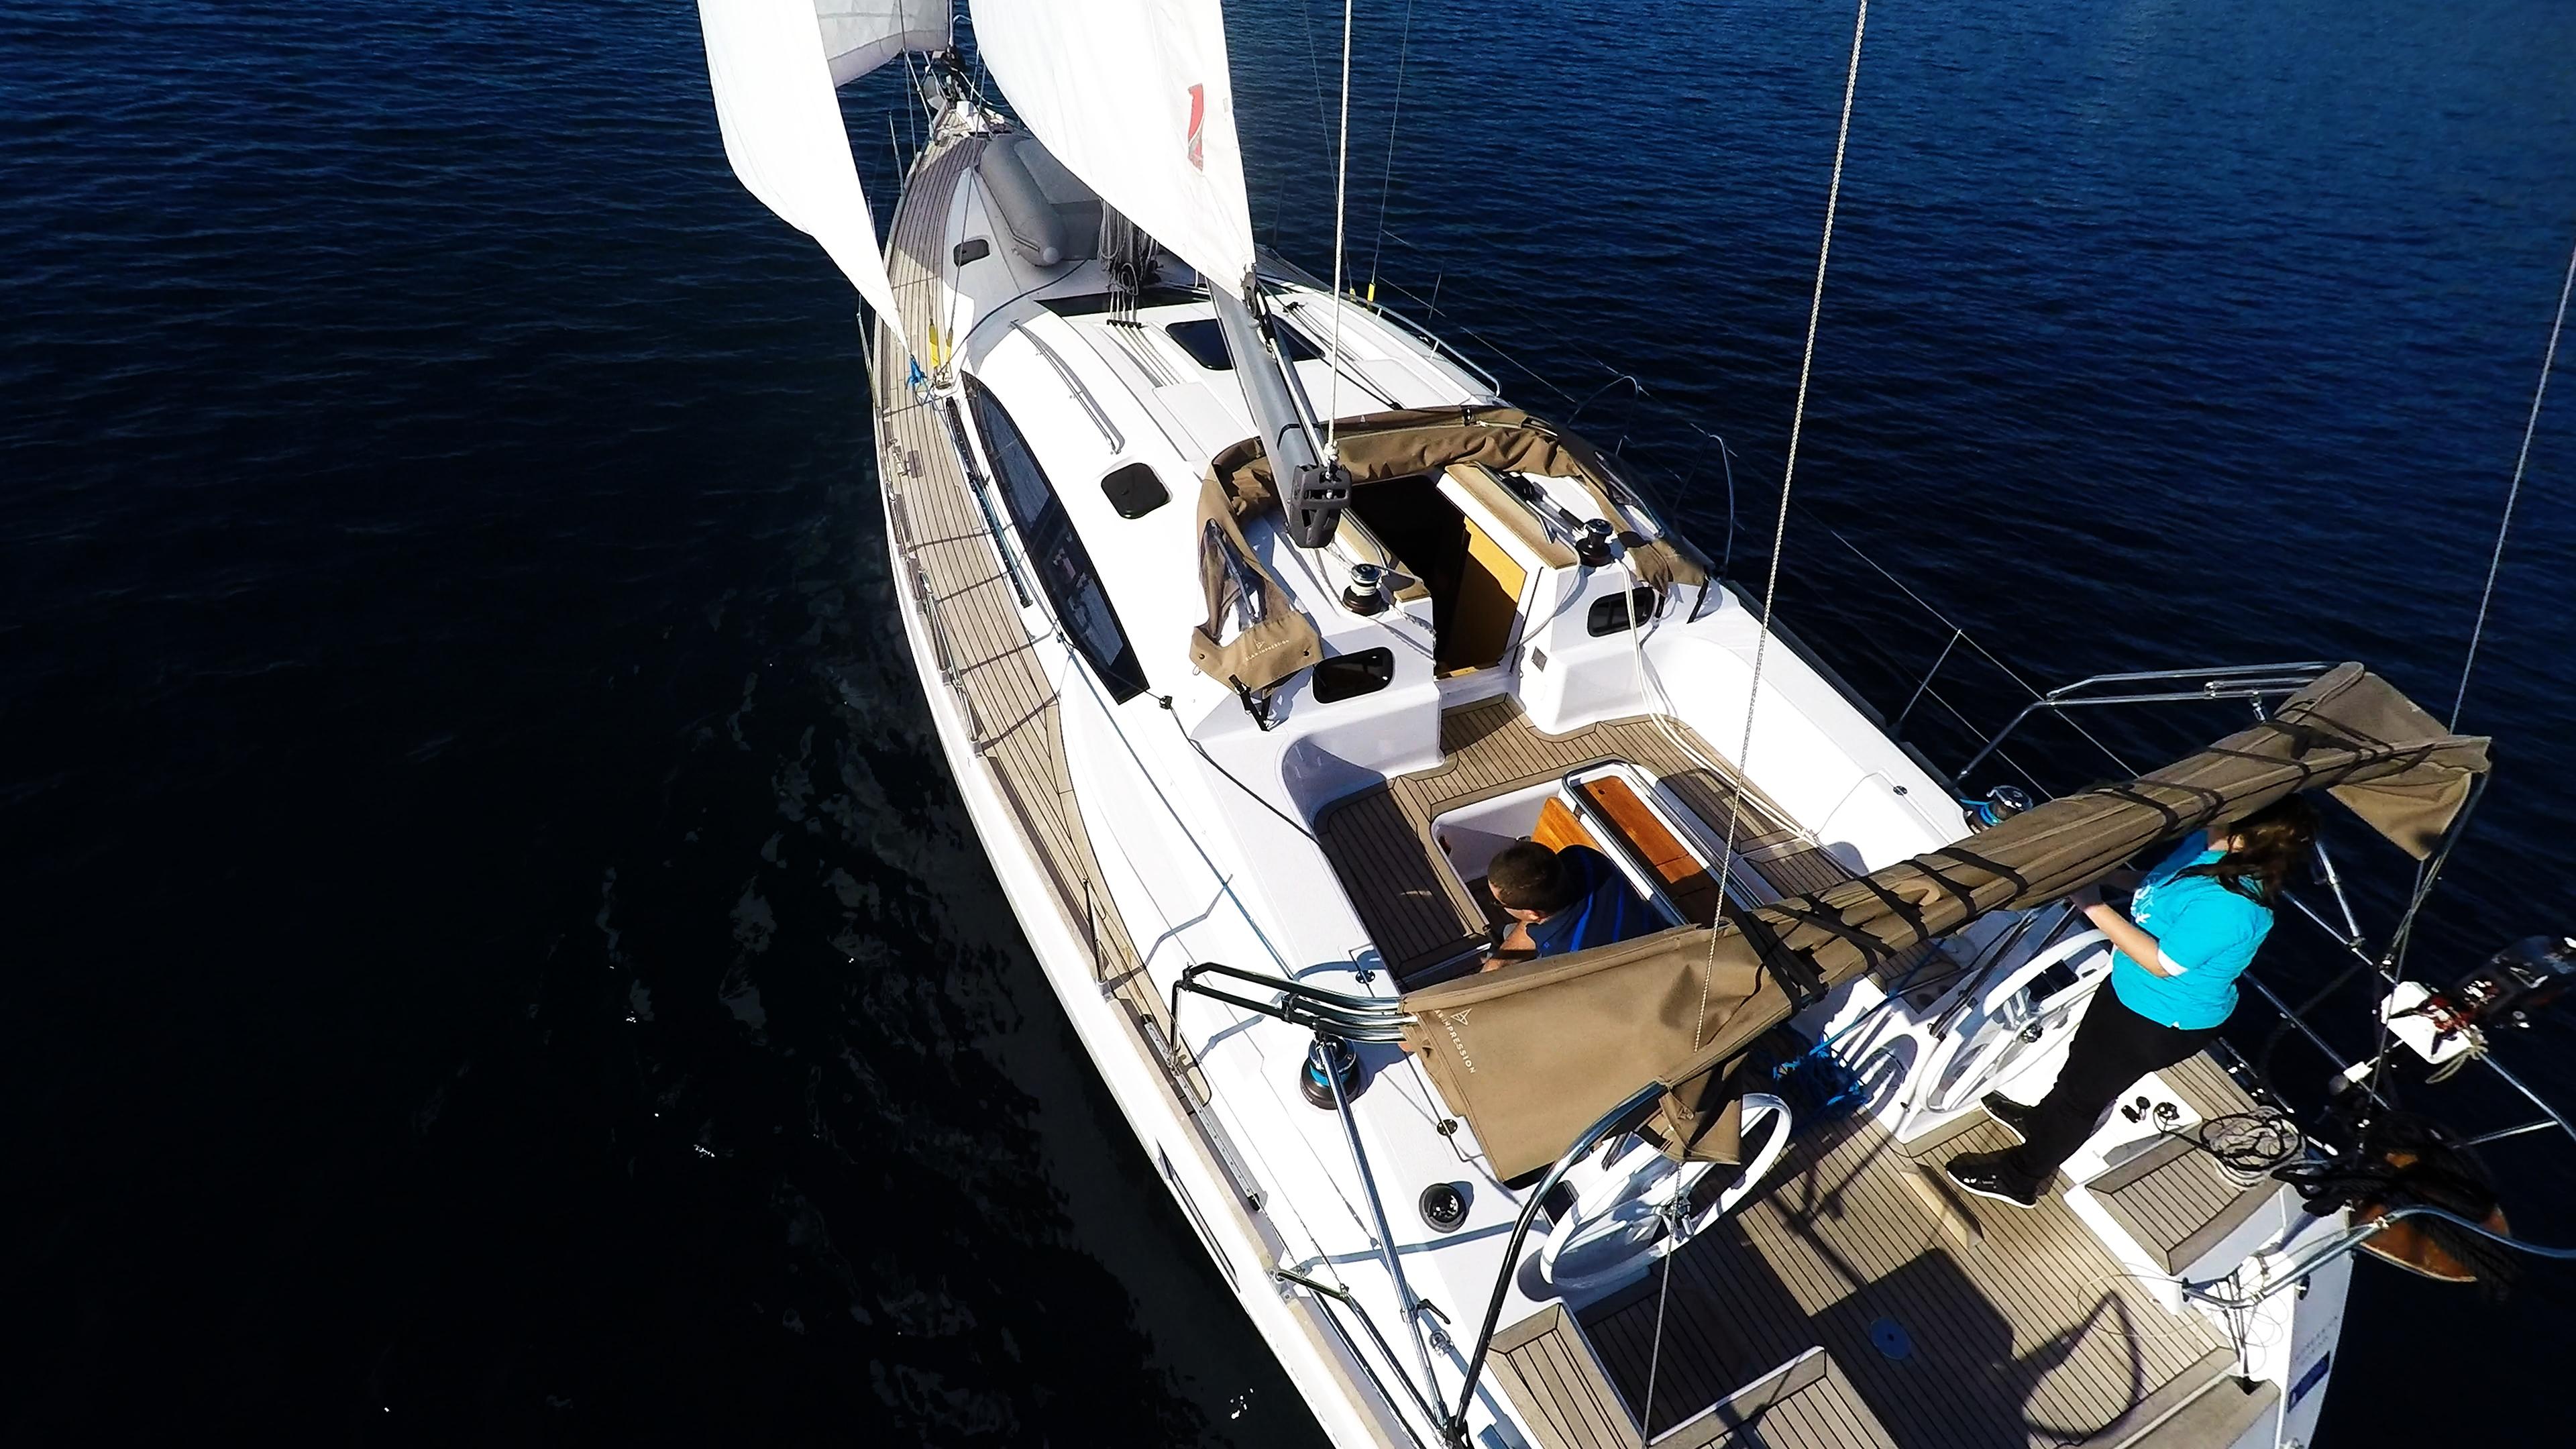 bateau à voile cockpit plate-forme teck voilier elan 45 impression bateau à voile